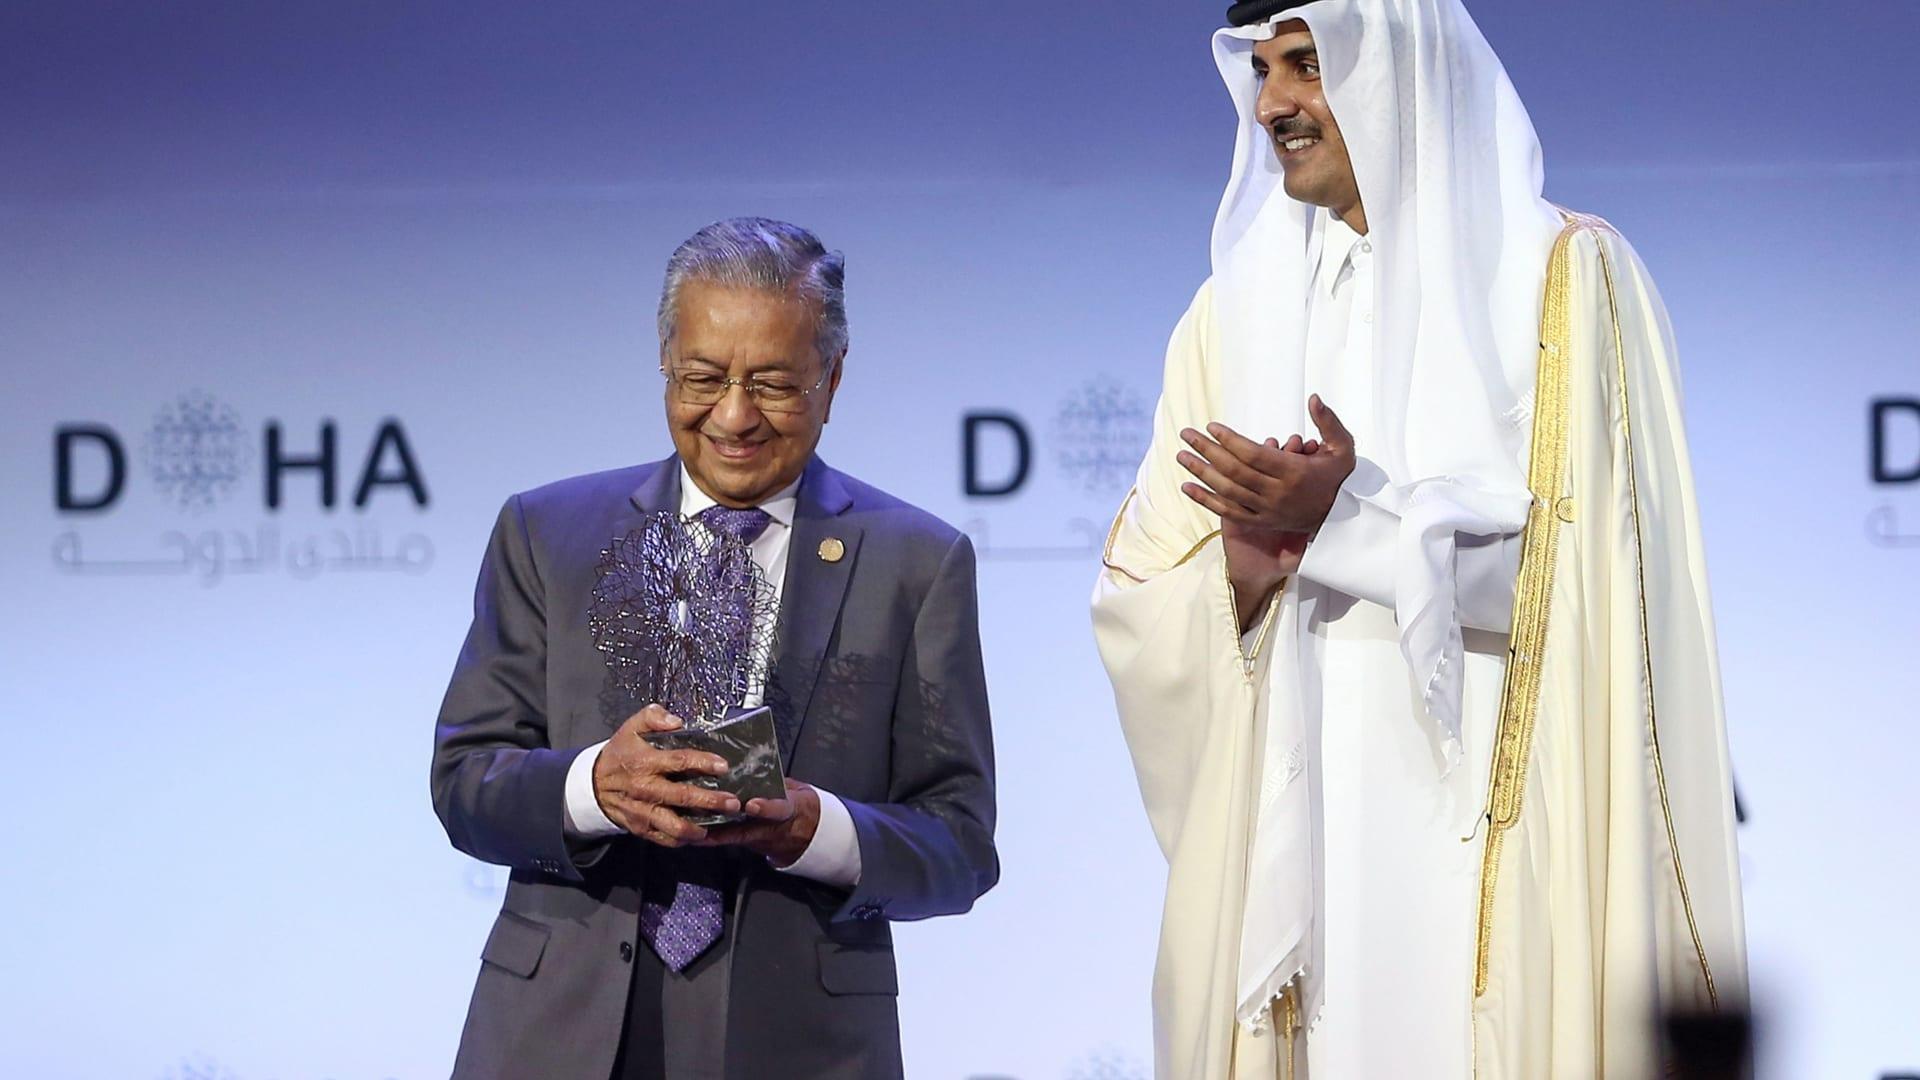 صورة أرشيفية لأمير قطر، الشيخ تميم مع رئيس وزراء ماليزيا، مهاتير محمد في الدوحة